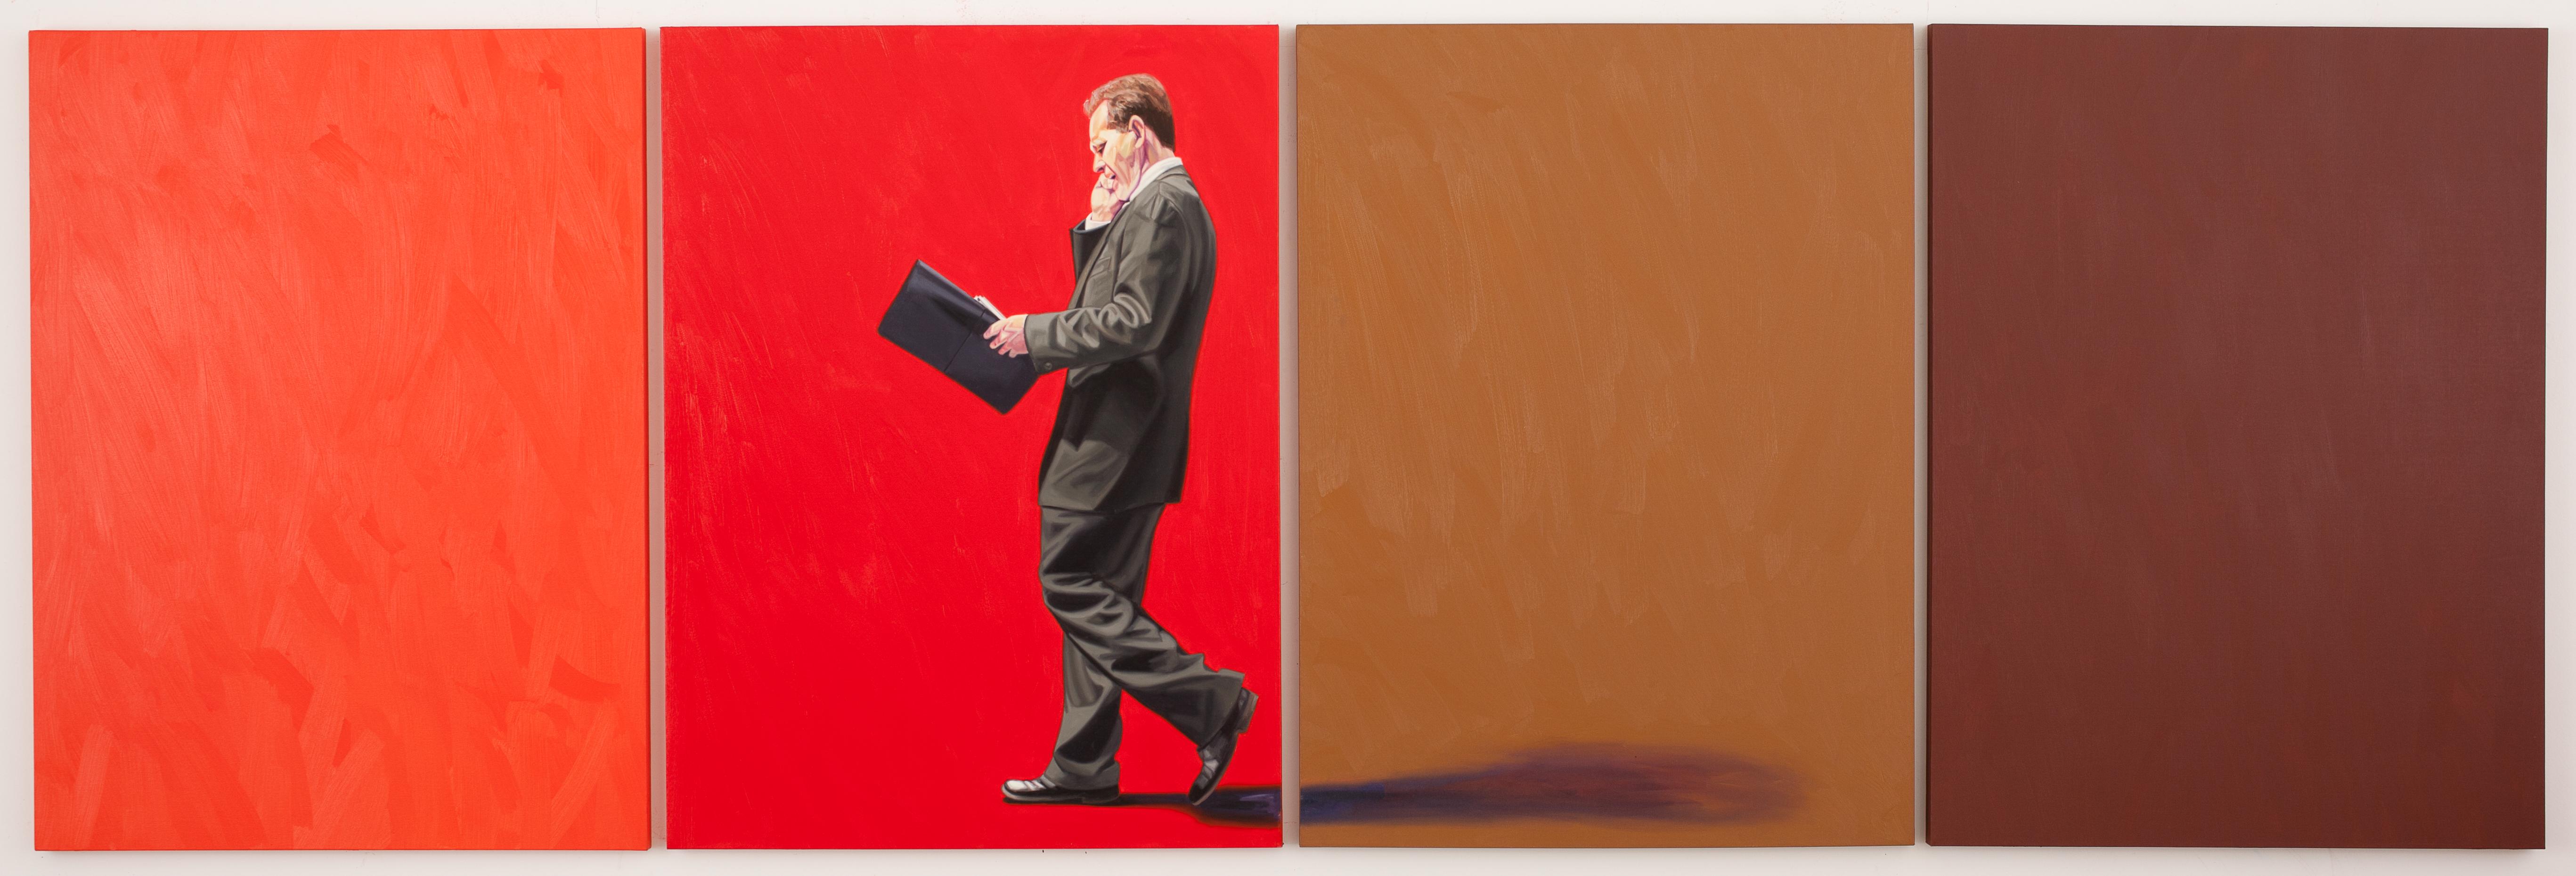 """No Escape 48"""" x 197"""", oil on canvas, 2010 - courtesy the artist"""